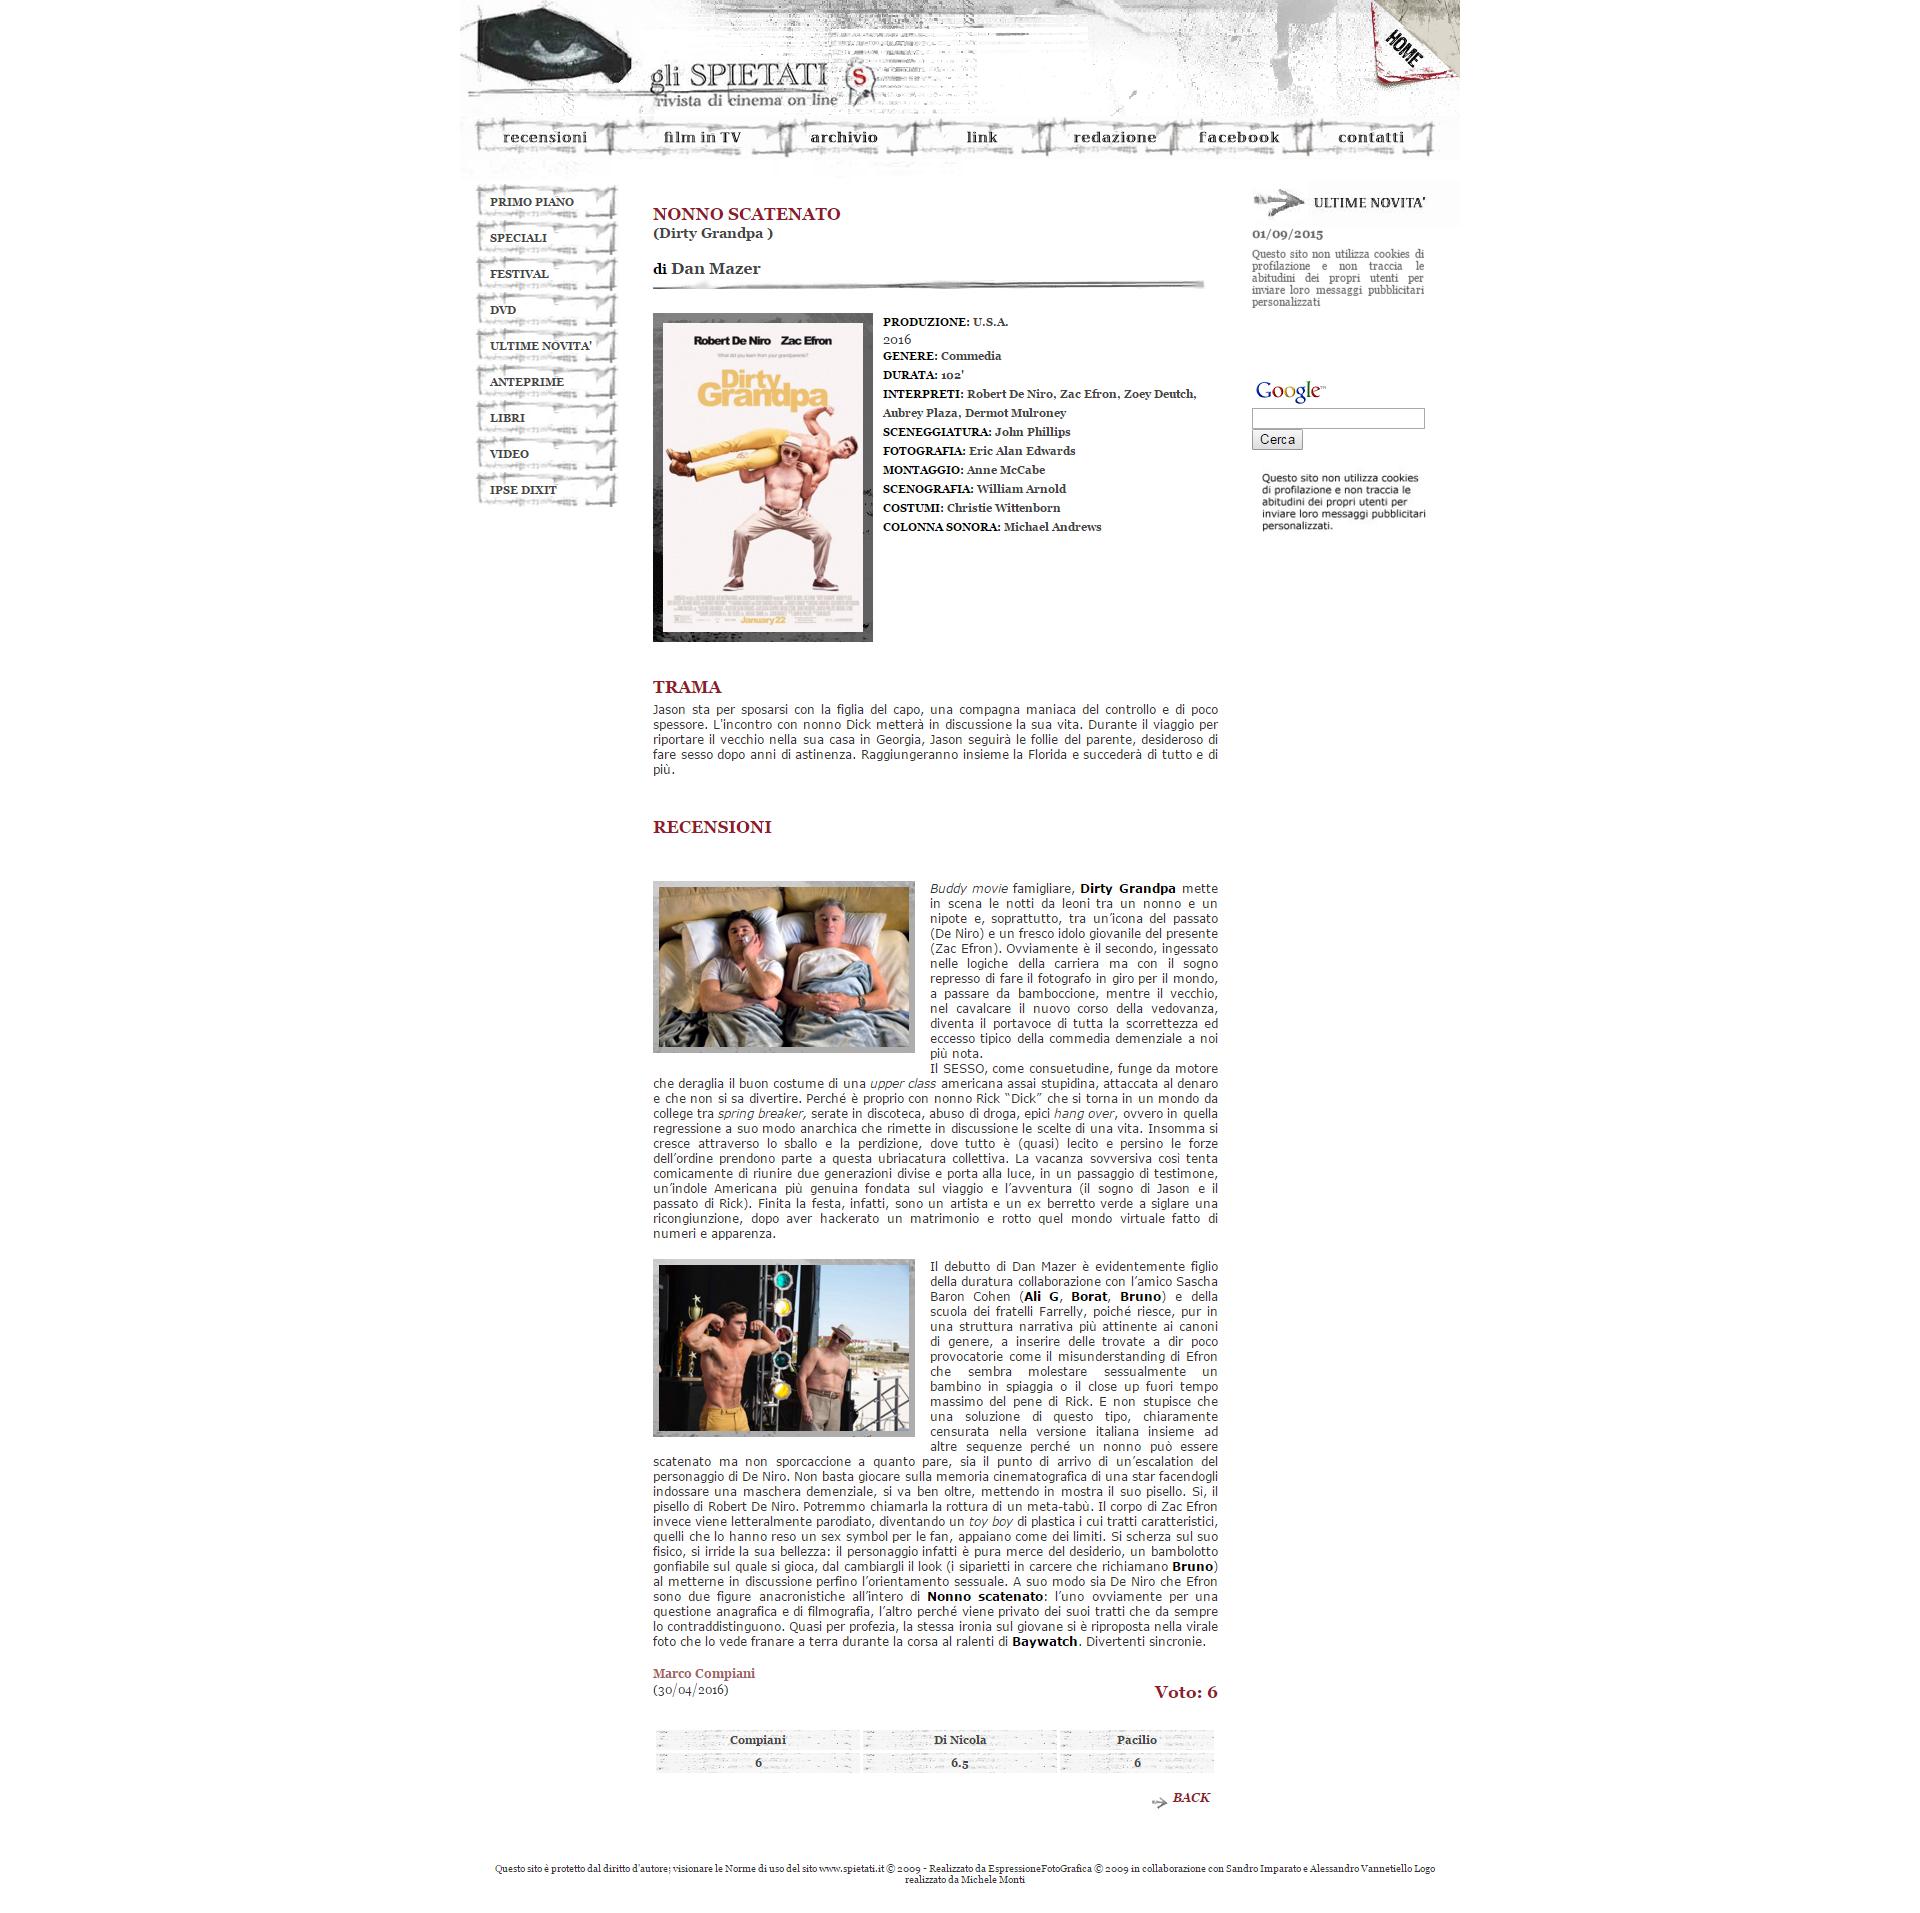 screencapture-www-spietati-it-z_scheda_dett_film-asp-1462085471290